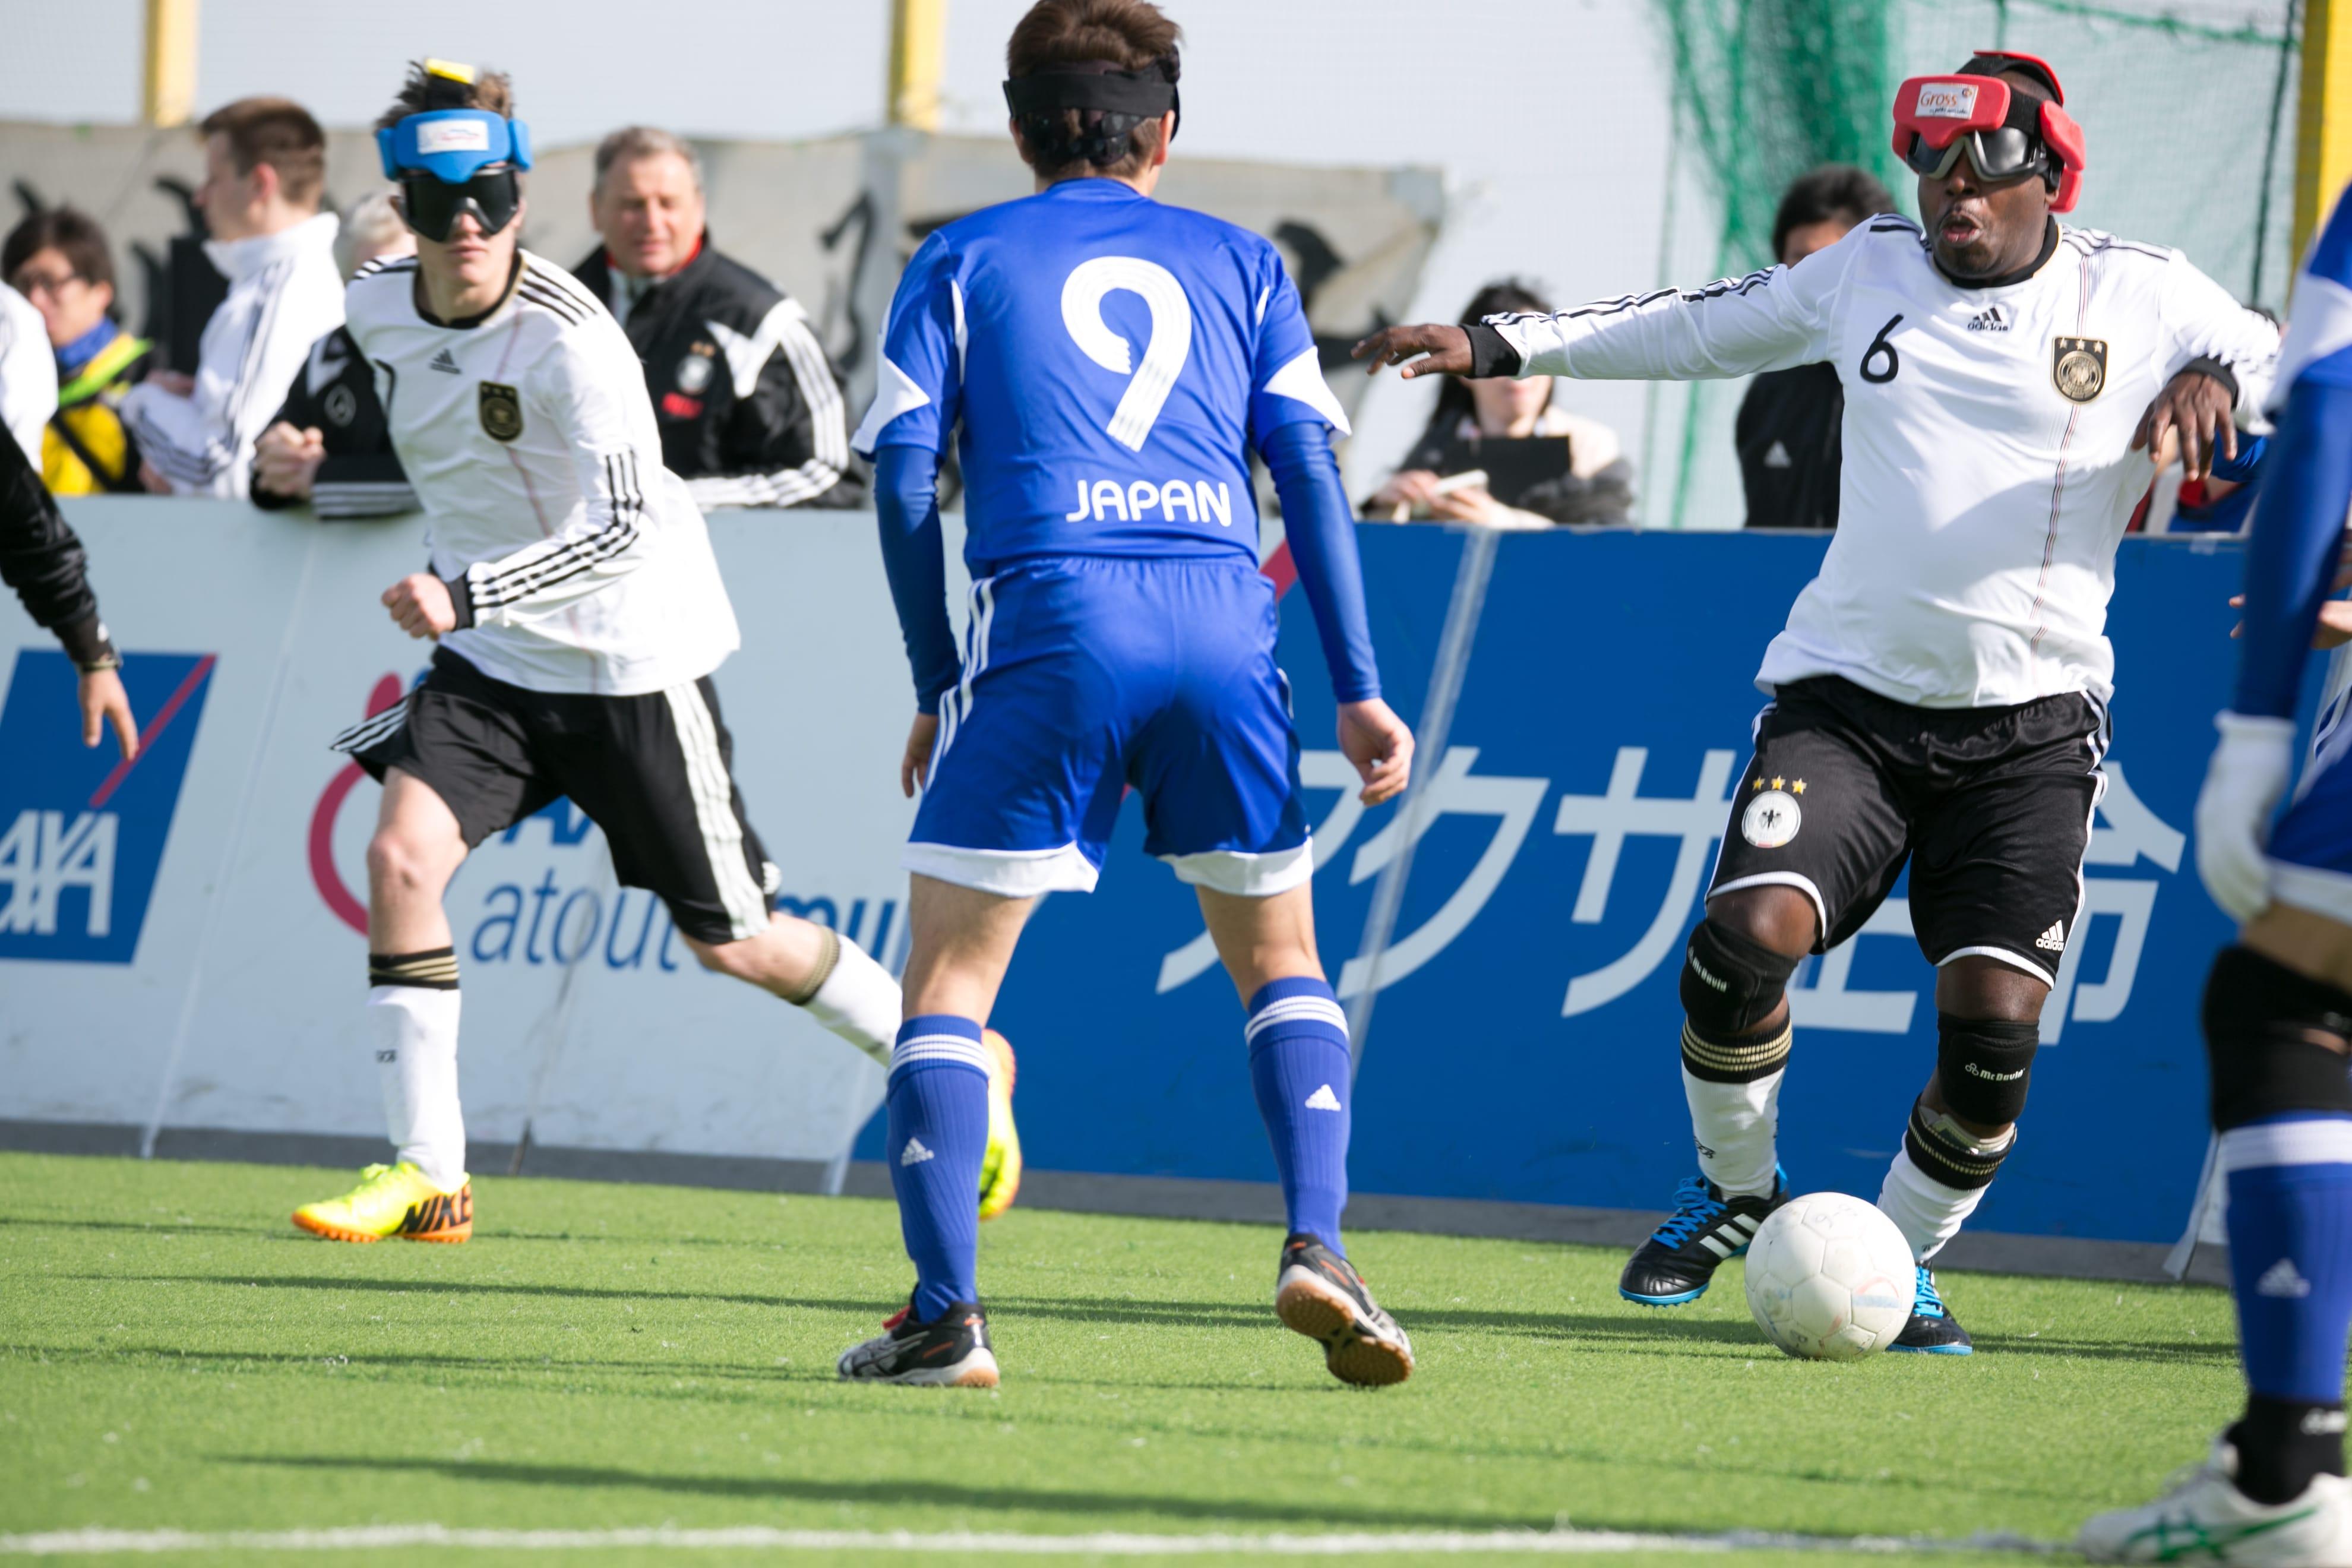 Gehandicaptensport Nederland Blindenvoetbal